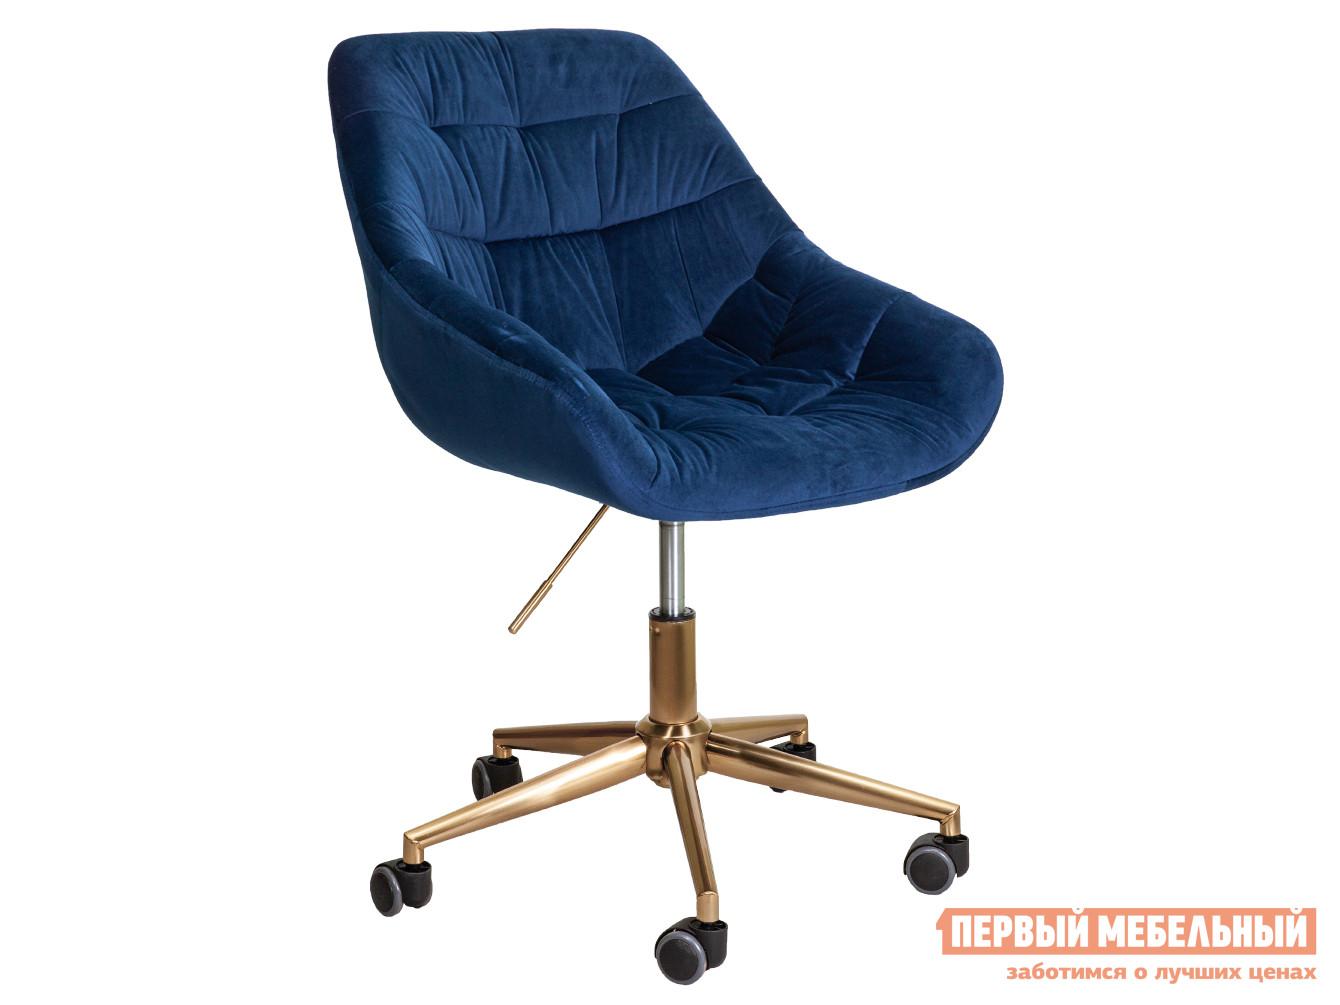 Офисное кресло  Офисное кресло BALI Синий, велюр